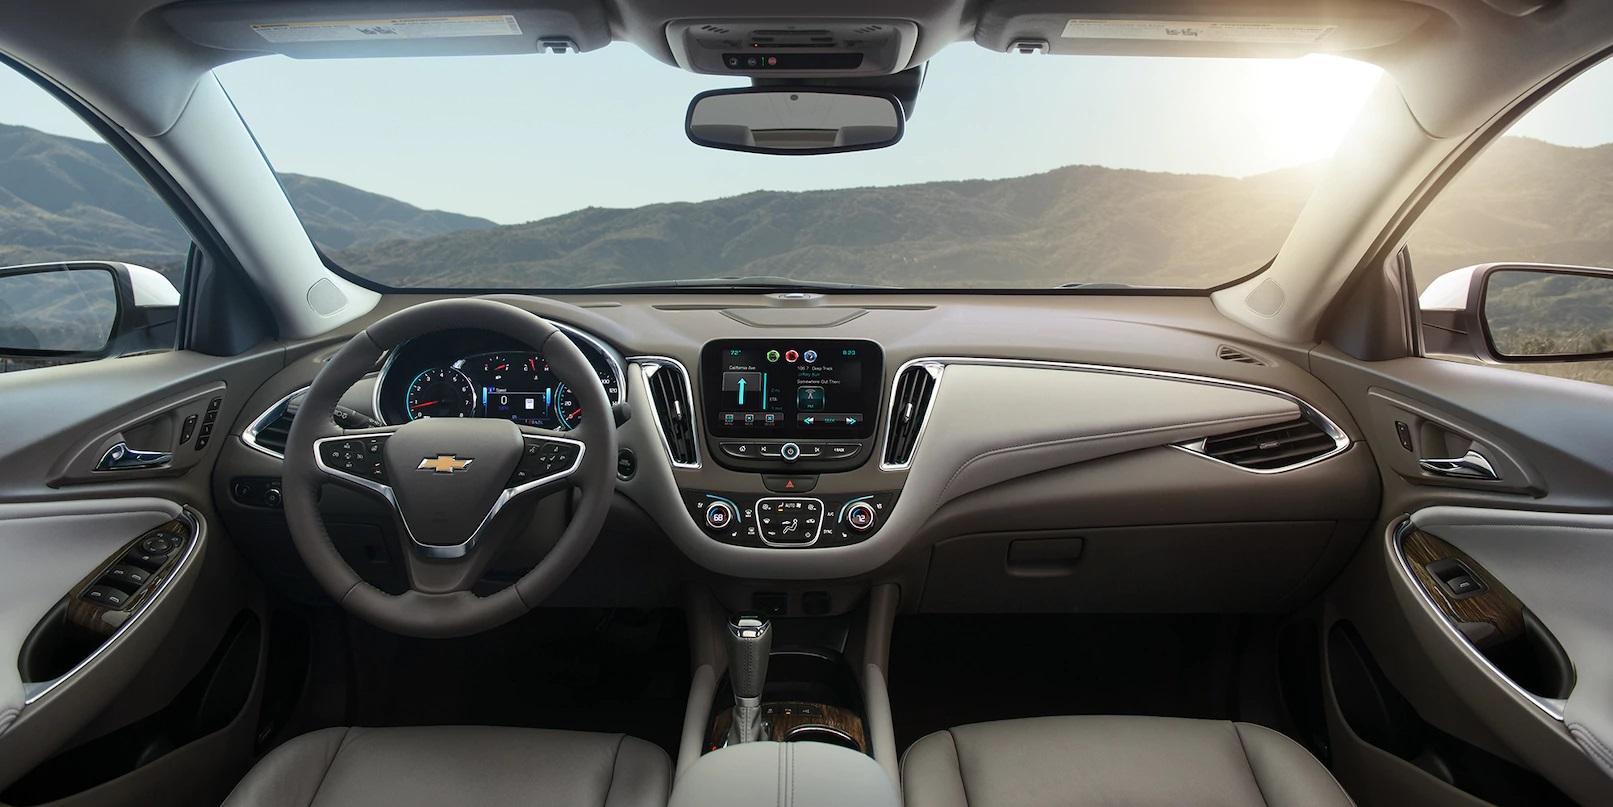 2018 Chevrolet Malibu for Sale in Chicago, IL - Kingdom